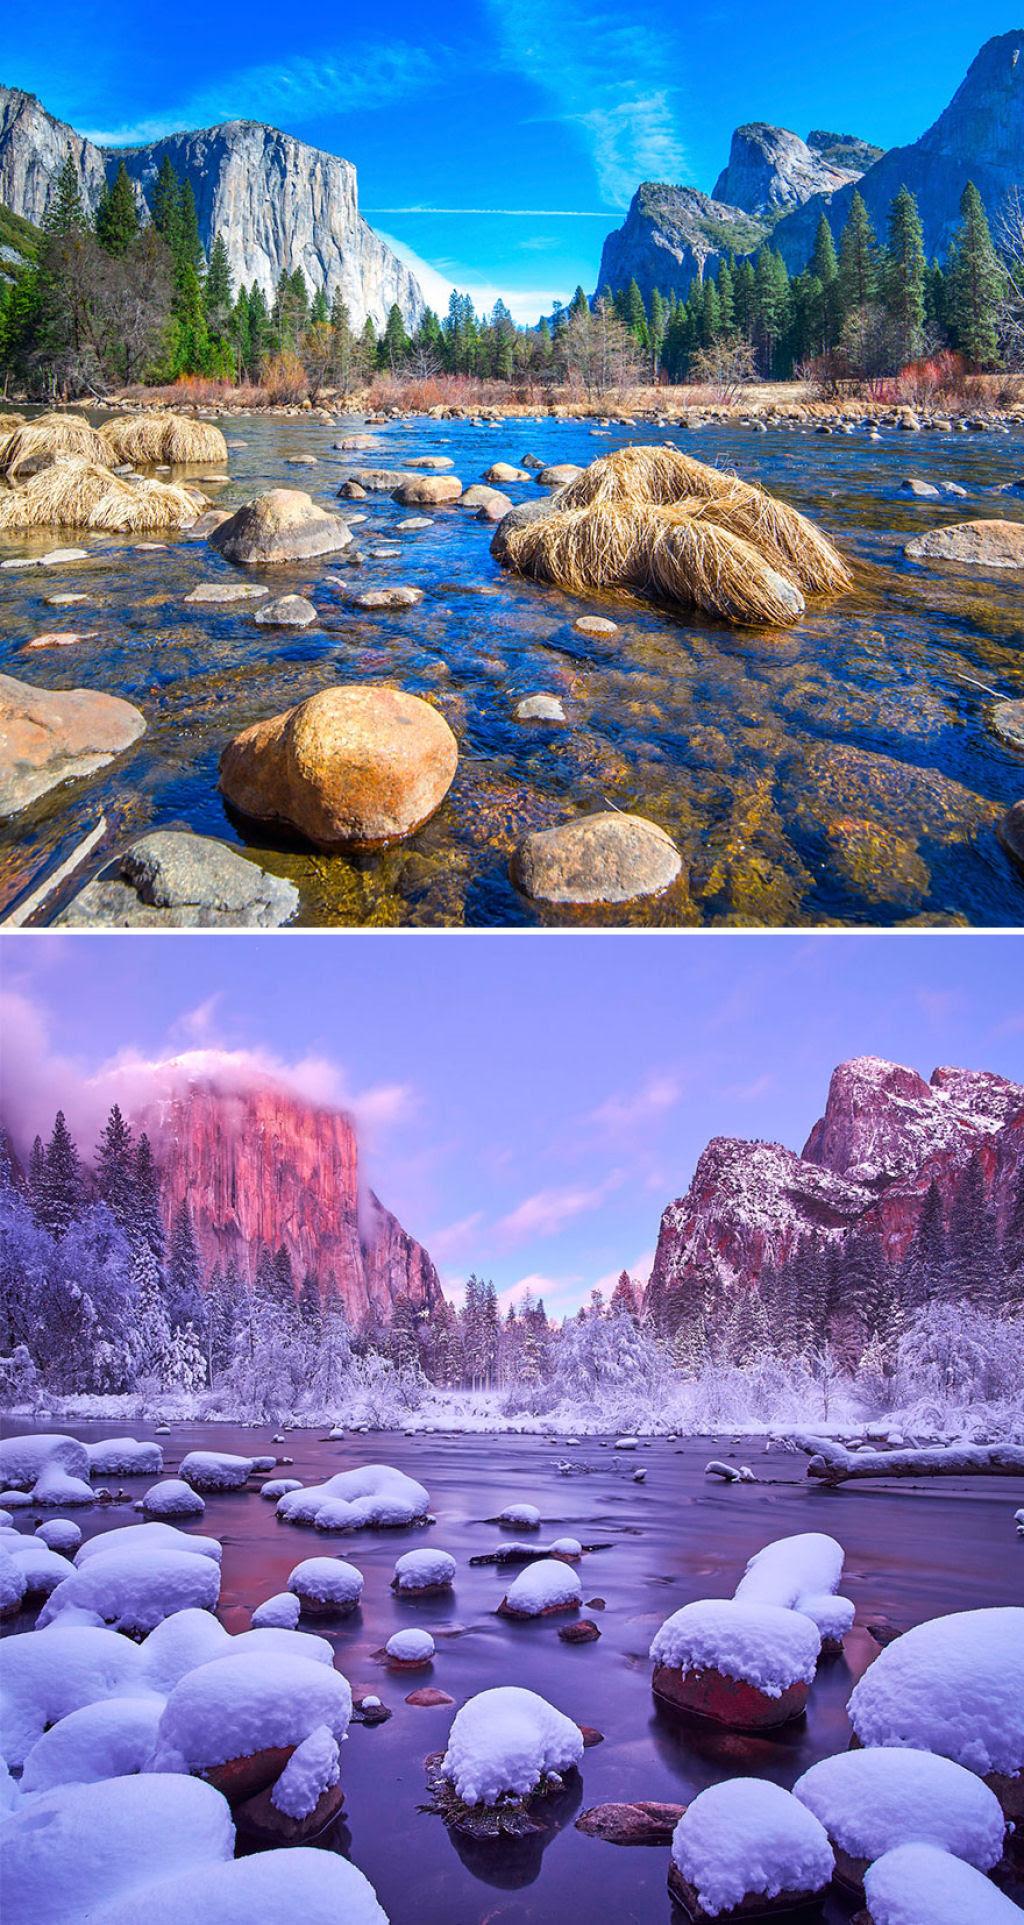 15 fotos de antes e depois da transformações invernais 06